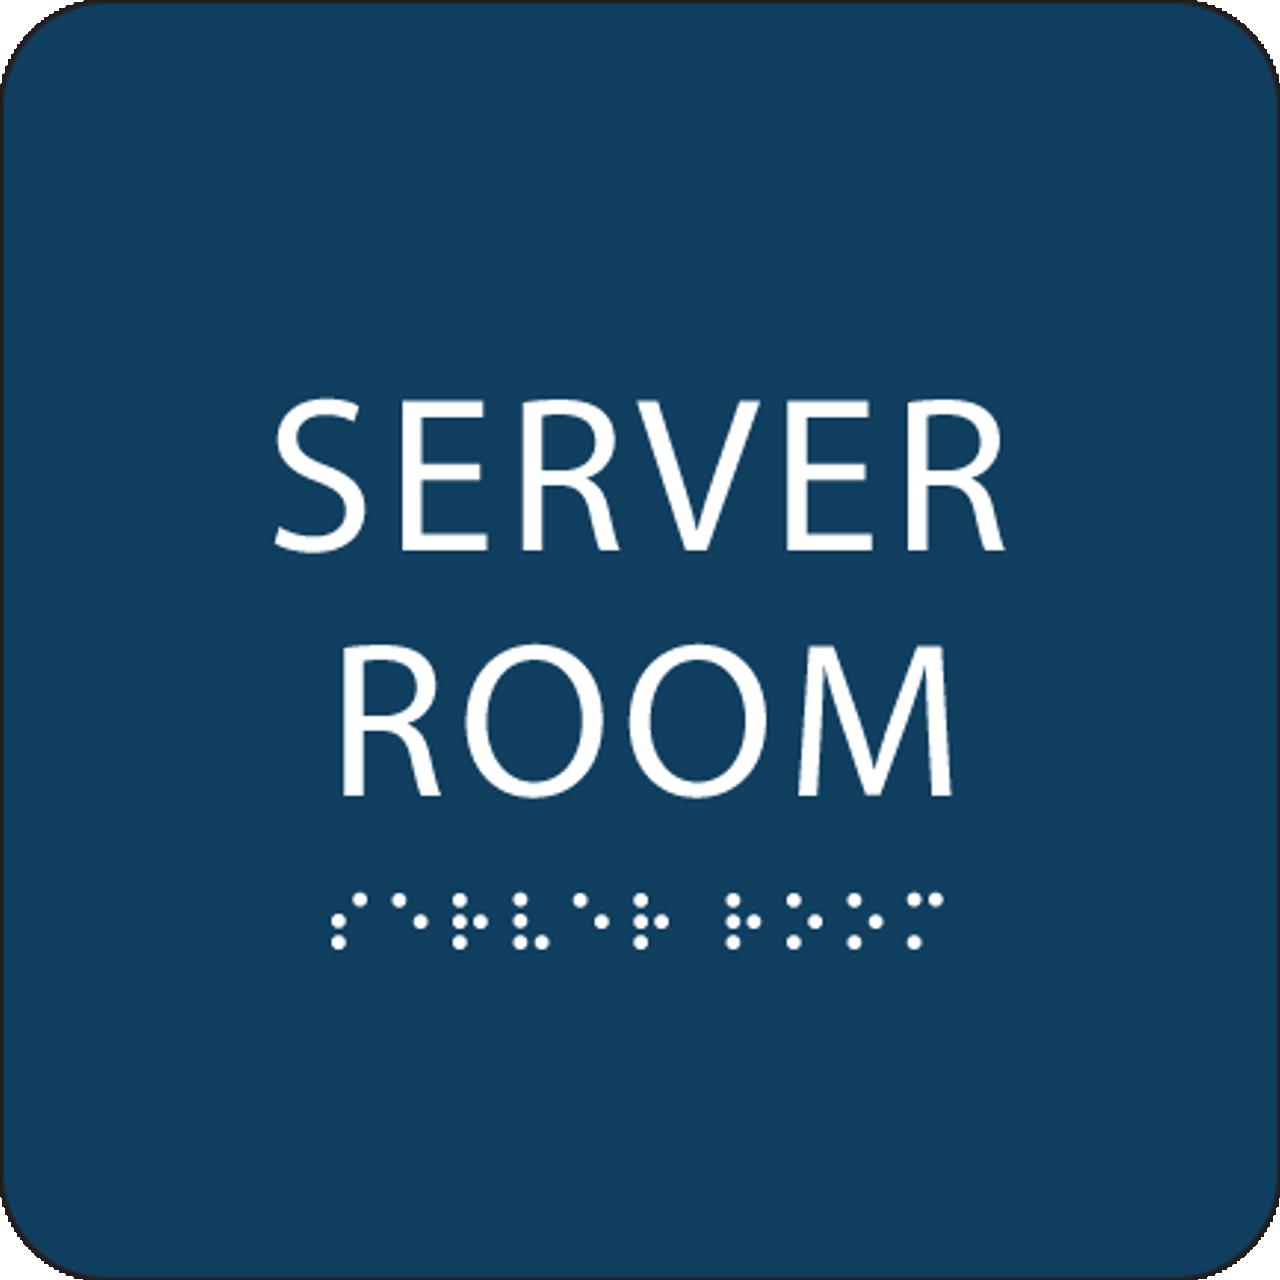 Blue  Server Room Braille Sign